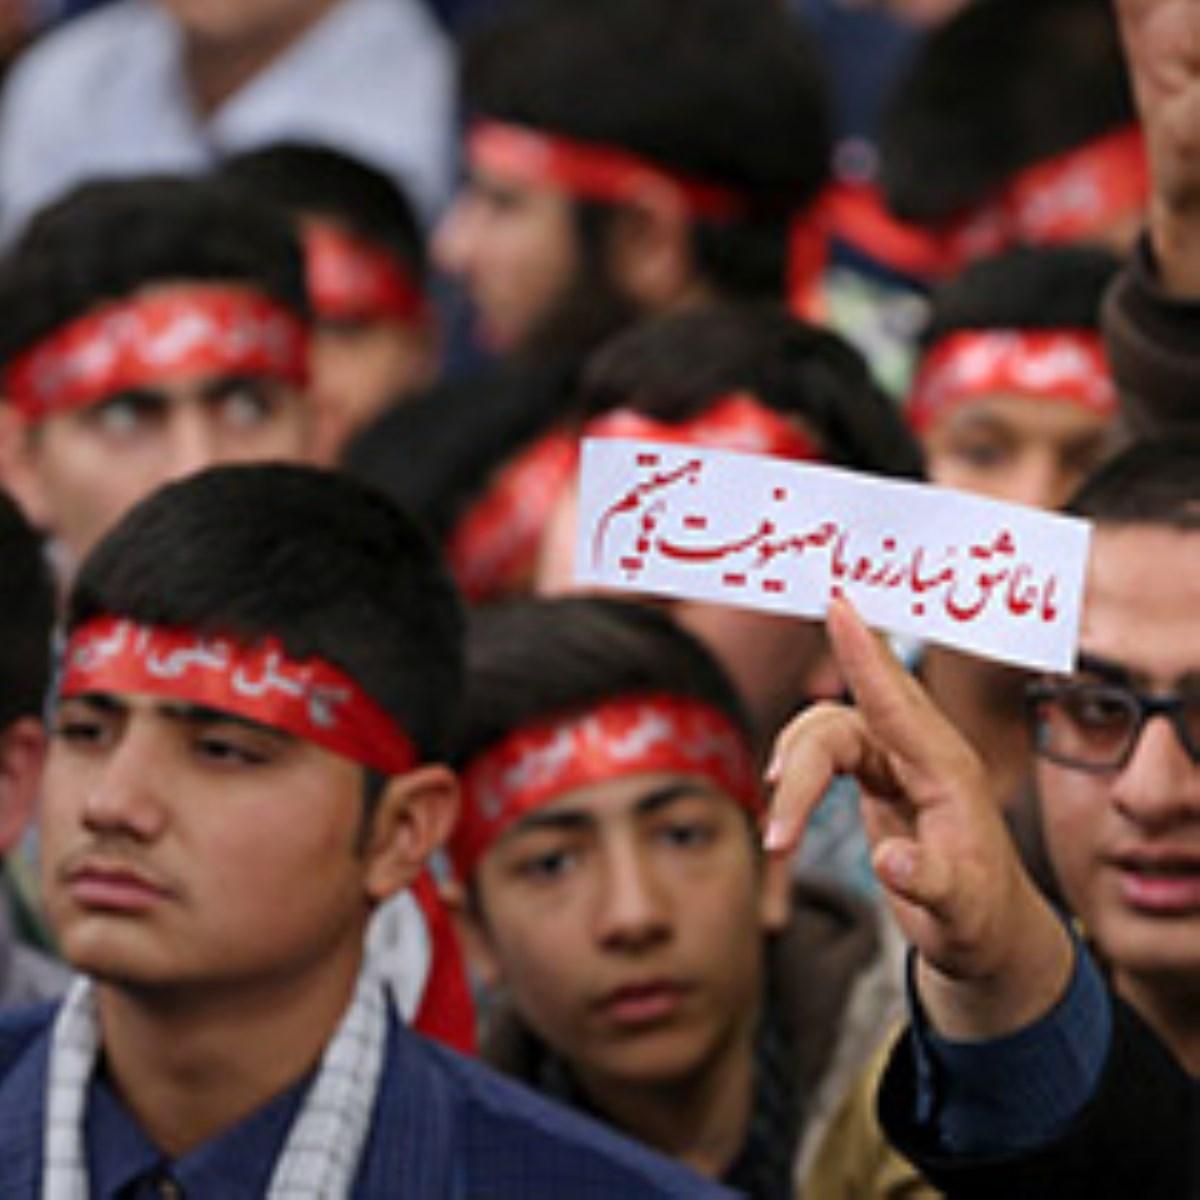 گزارش تصویری / دیدار اعضای انجمنهای اسلامی دانشآموزان با رهبر معظم انقلاب